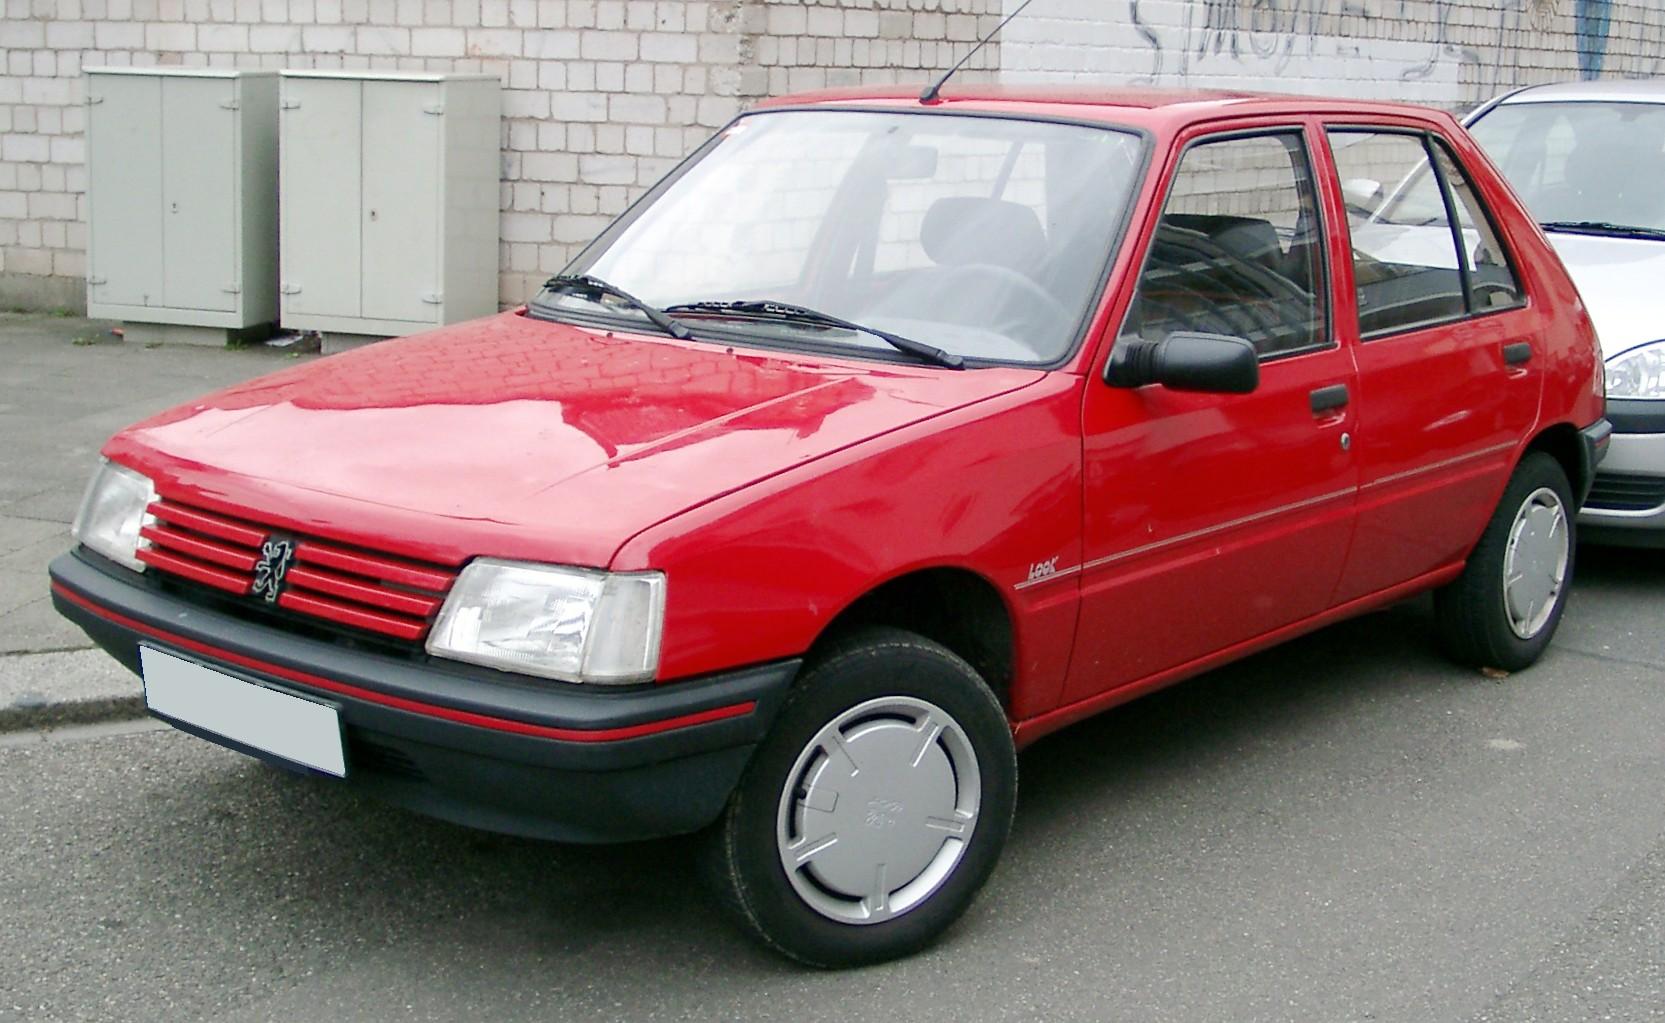 File:Peugeot 205 front 20080121.jpg